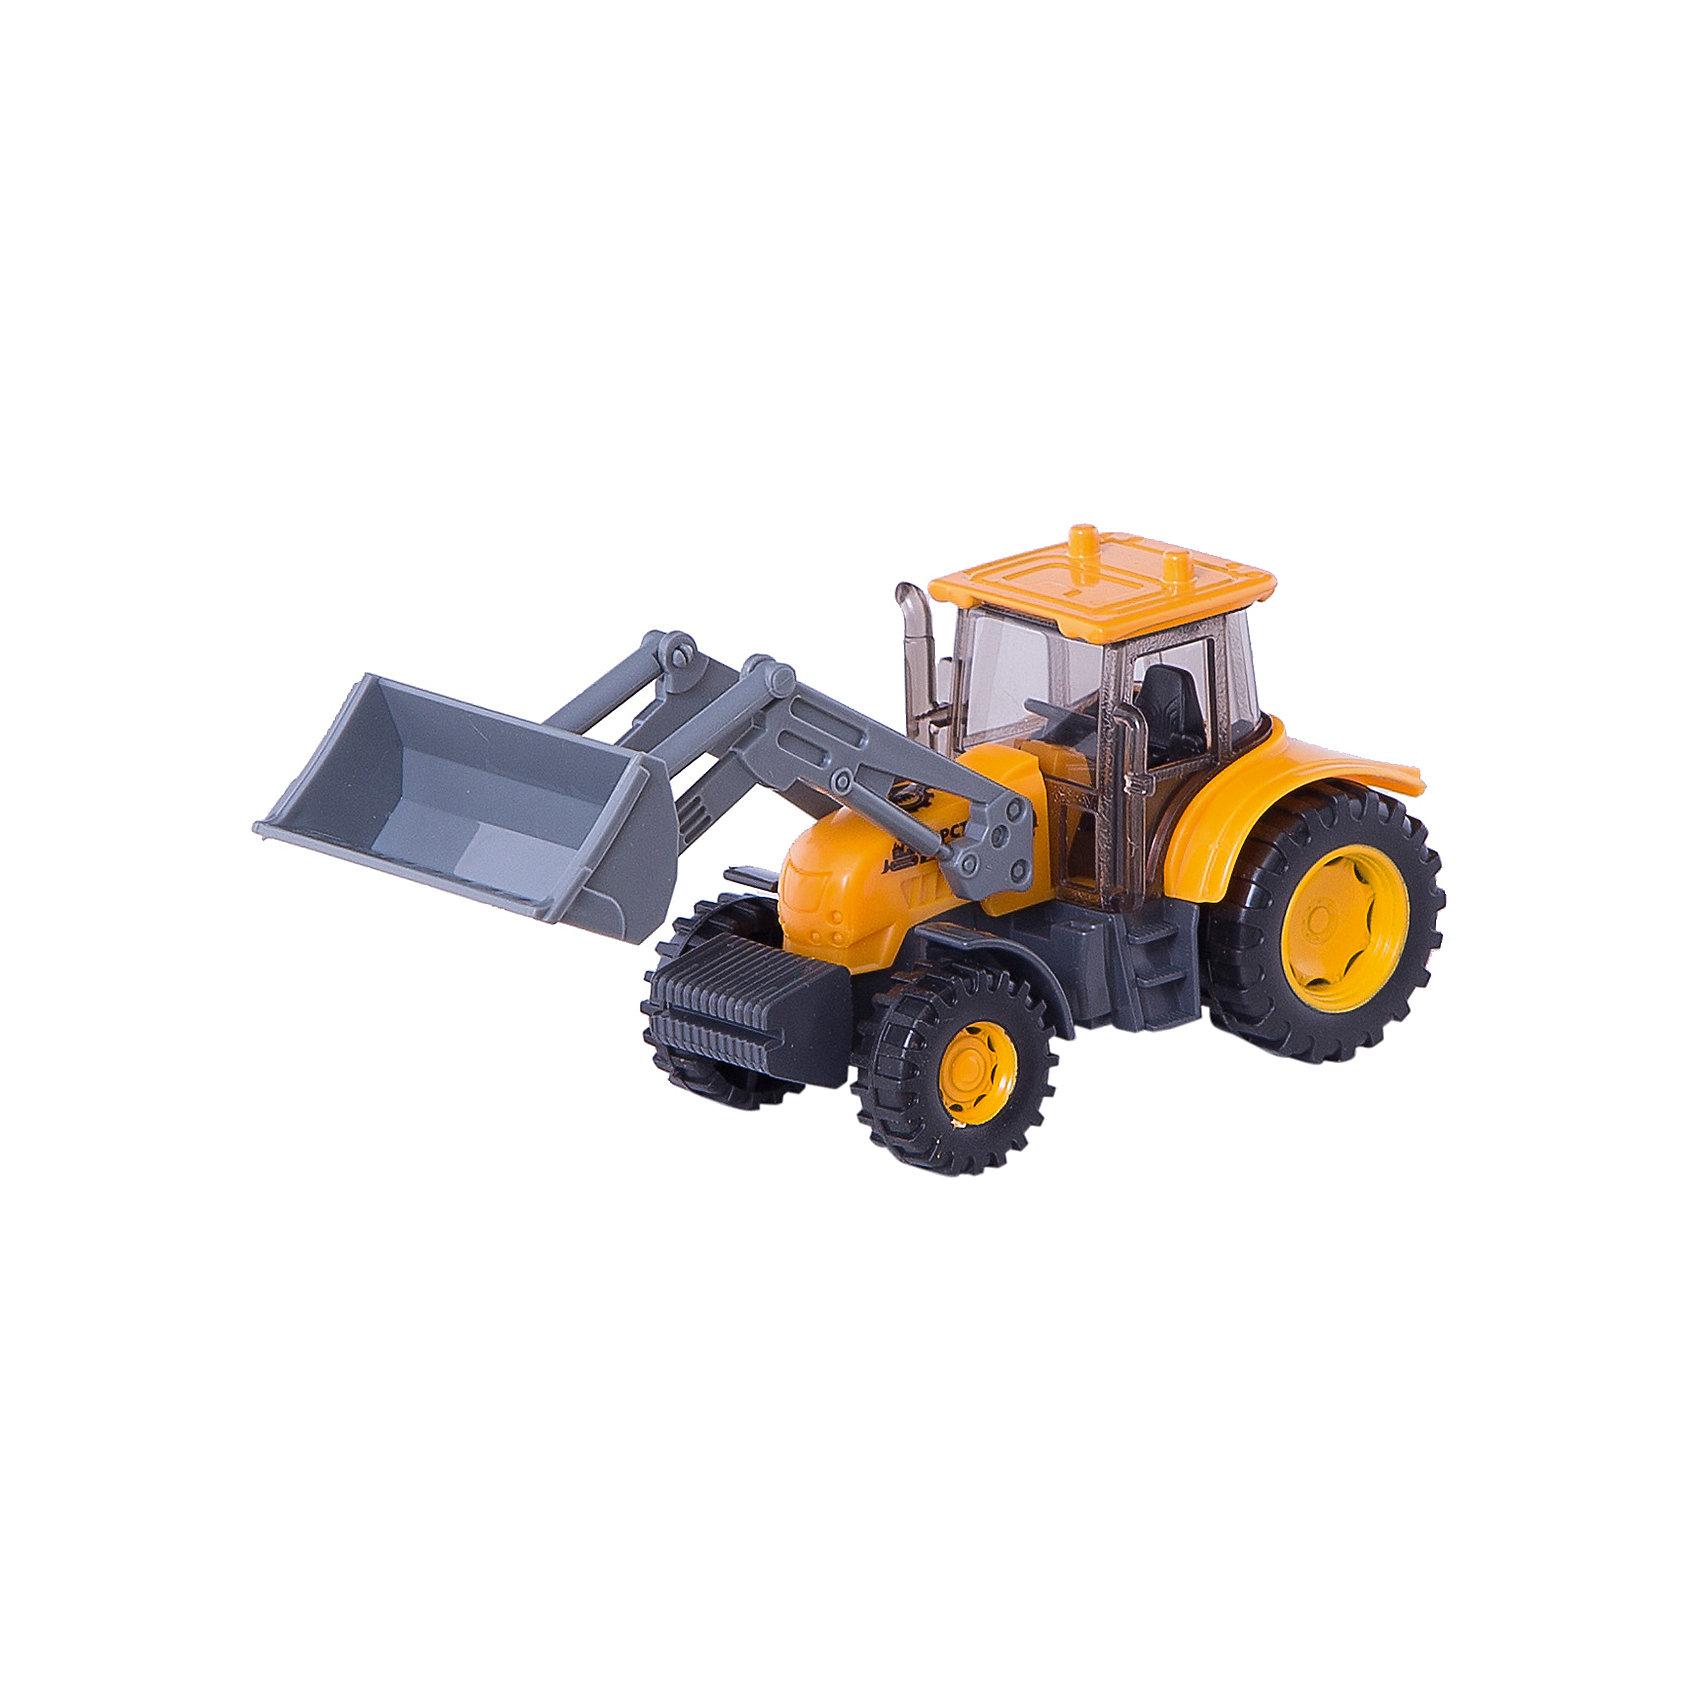 Экскаватор-трактор, ТехнопаркПорадовать мальчика просто - подарите ему такую качественную игрушку. Игрушки могут не только развлекать малыша, но и помогать его всестороннему развитию. Эта машинка поможет формированию разных навыков, он помогает развить тактильное восприятие, цветовосприятие, воображение и мелкую моторику.<br>Изделие представляет собой игрушку с отличной детализацией из прочного материала. Изделие произведено из качественных материалов, безопасных для ребенка.<br><br>Дополнительная информация:<br><br>цвет: разноцветный;<br>материал: металл, пластик;<br>размер упаковки: 70 x 150 x 170 мм.<br><br>Экскаватор-трактор от бренда Технопарк можно купить в нашем магазине.<br><br>Ширина мм: 70<br>Глубина мм: 150<br>Высота мм: 170<br>Вес г: 140<br>Возраст от месяцев: 36<br>Возраст до месяцев: 2147483647<br>Пол: Мужской<br>Возраст: Детский<br>SKU: 5002227